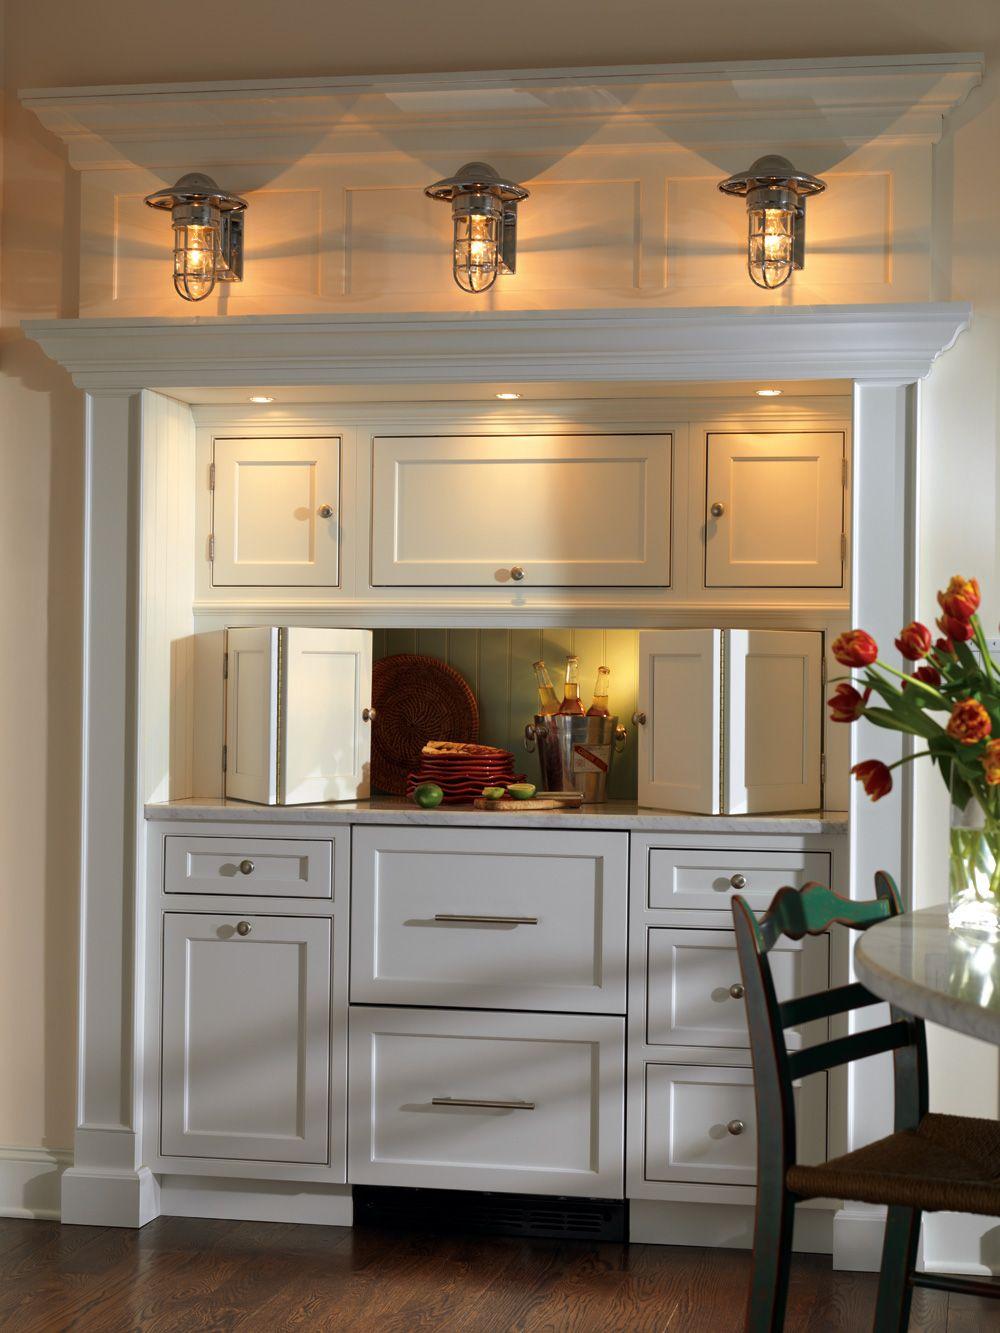 Pass Through Cottage Style Kitchen Cottage Kitchen Cabinets Kitchen Remodel